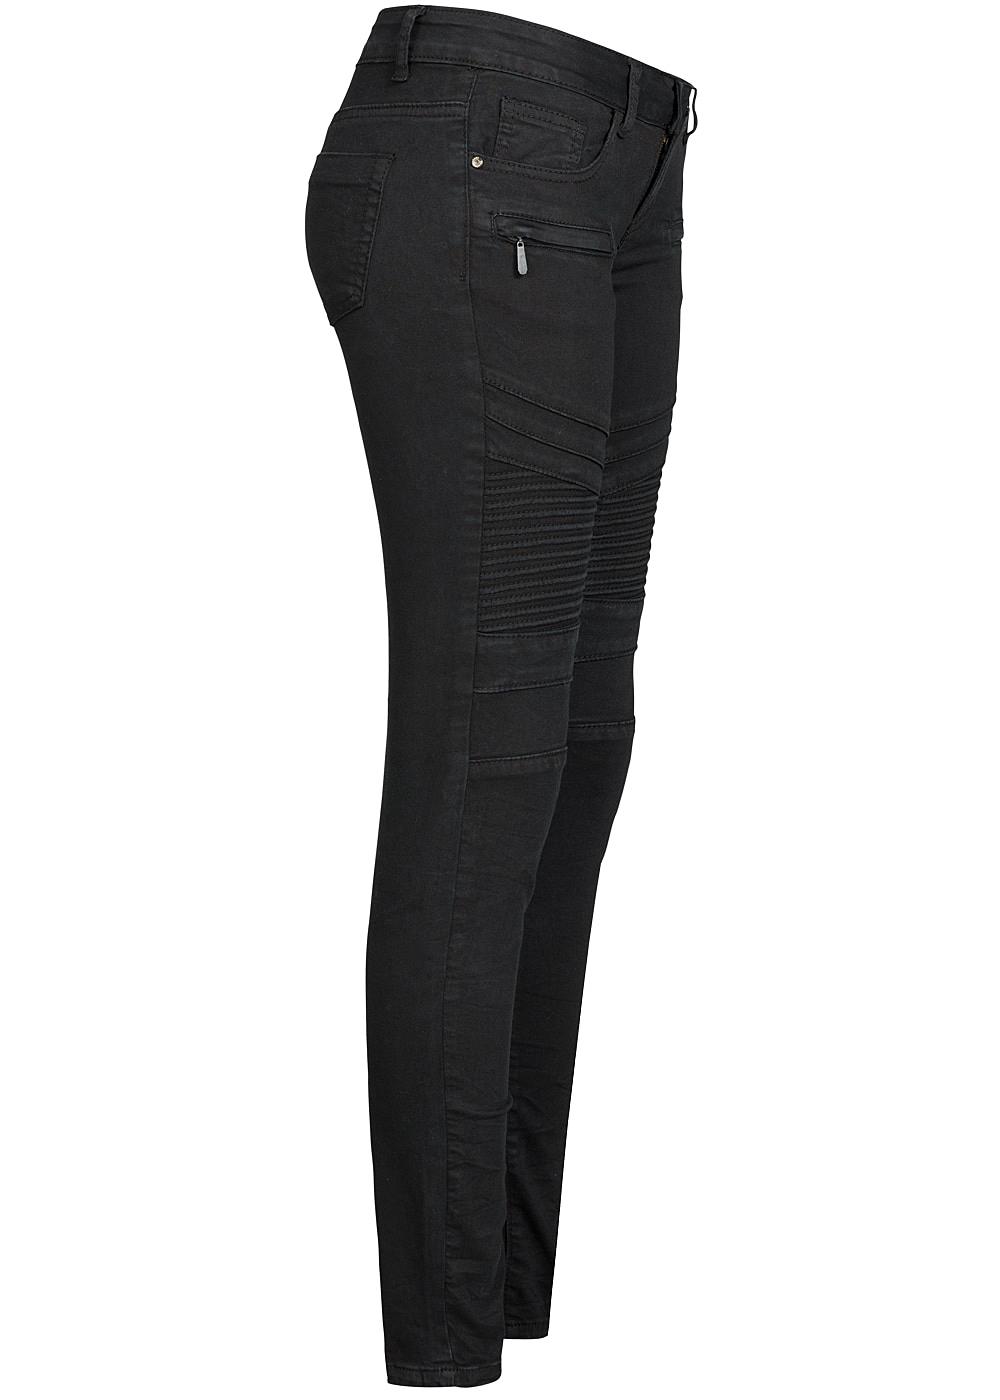 seventyseven lifestyle damen biker jeans hose 5 pockets 2. Black Bedroom Furniture Sets. Home Design Ideas